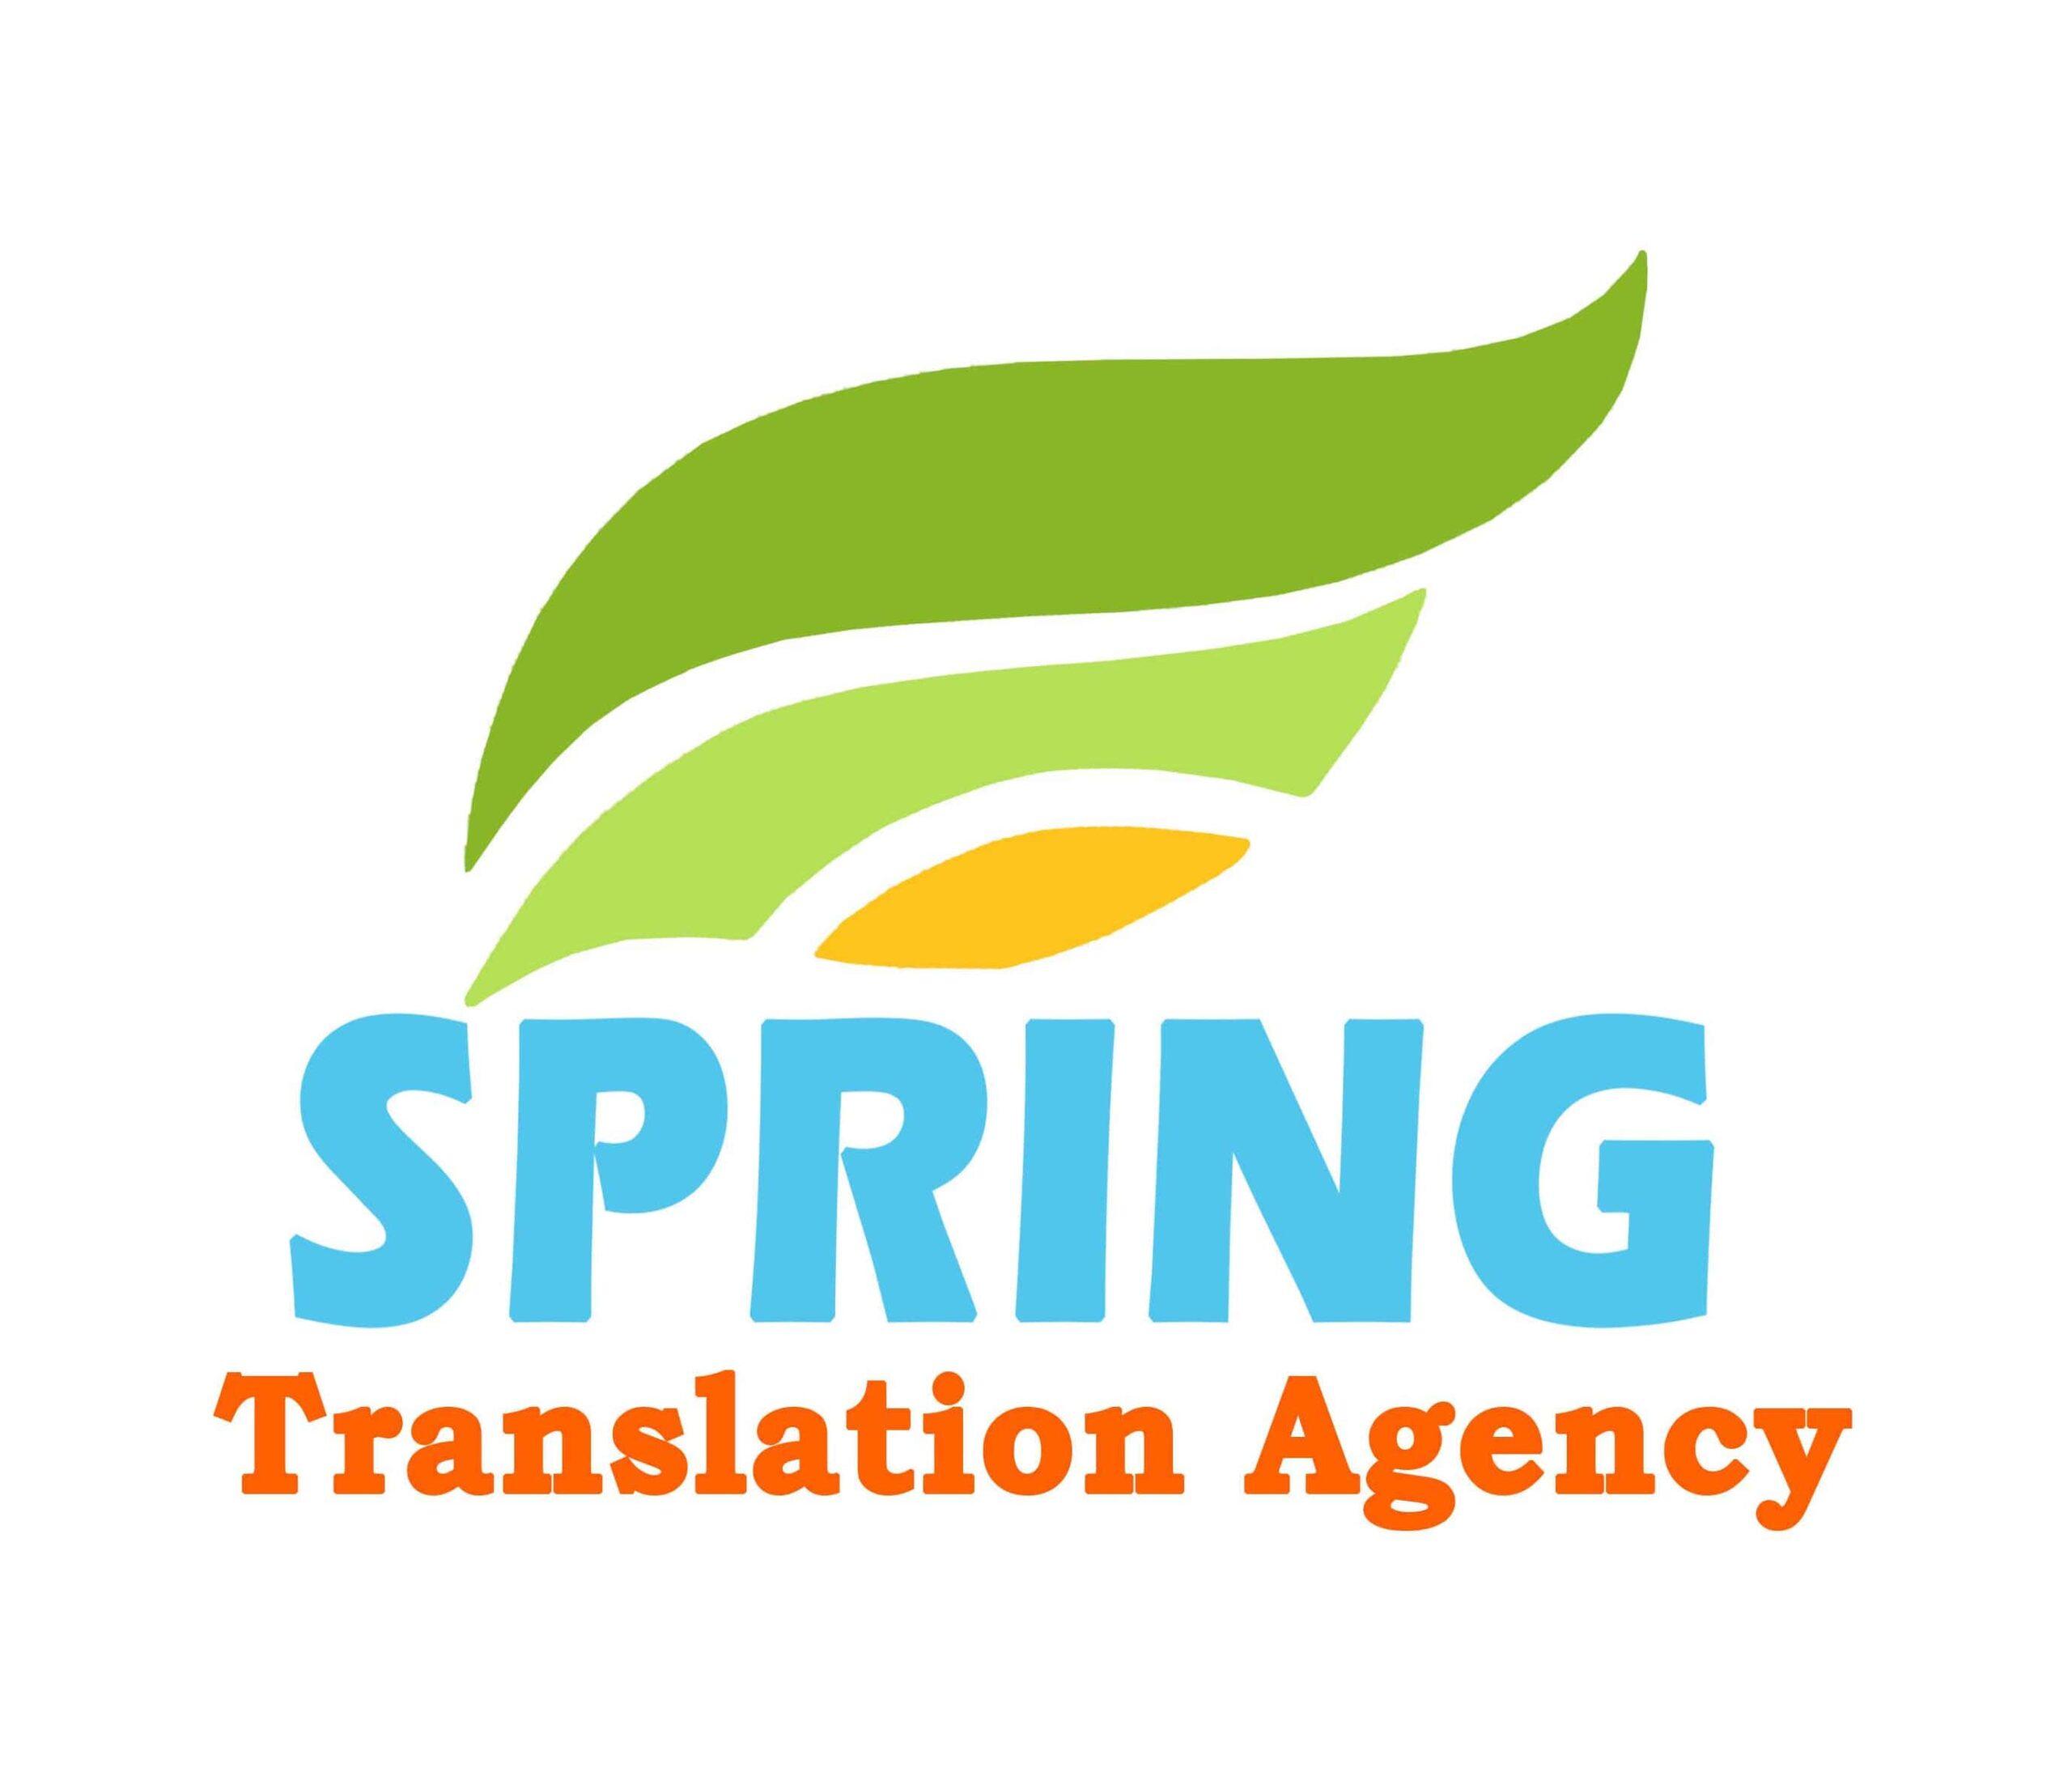 Встреча нового года 2020 в Бюро переводов Сприн